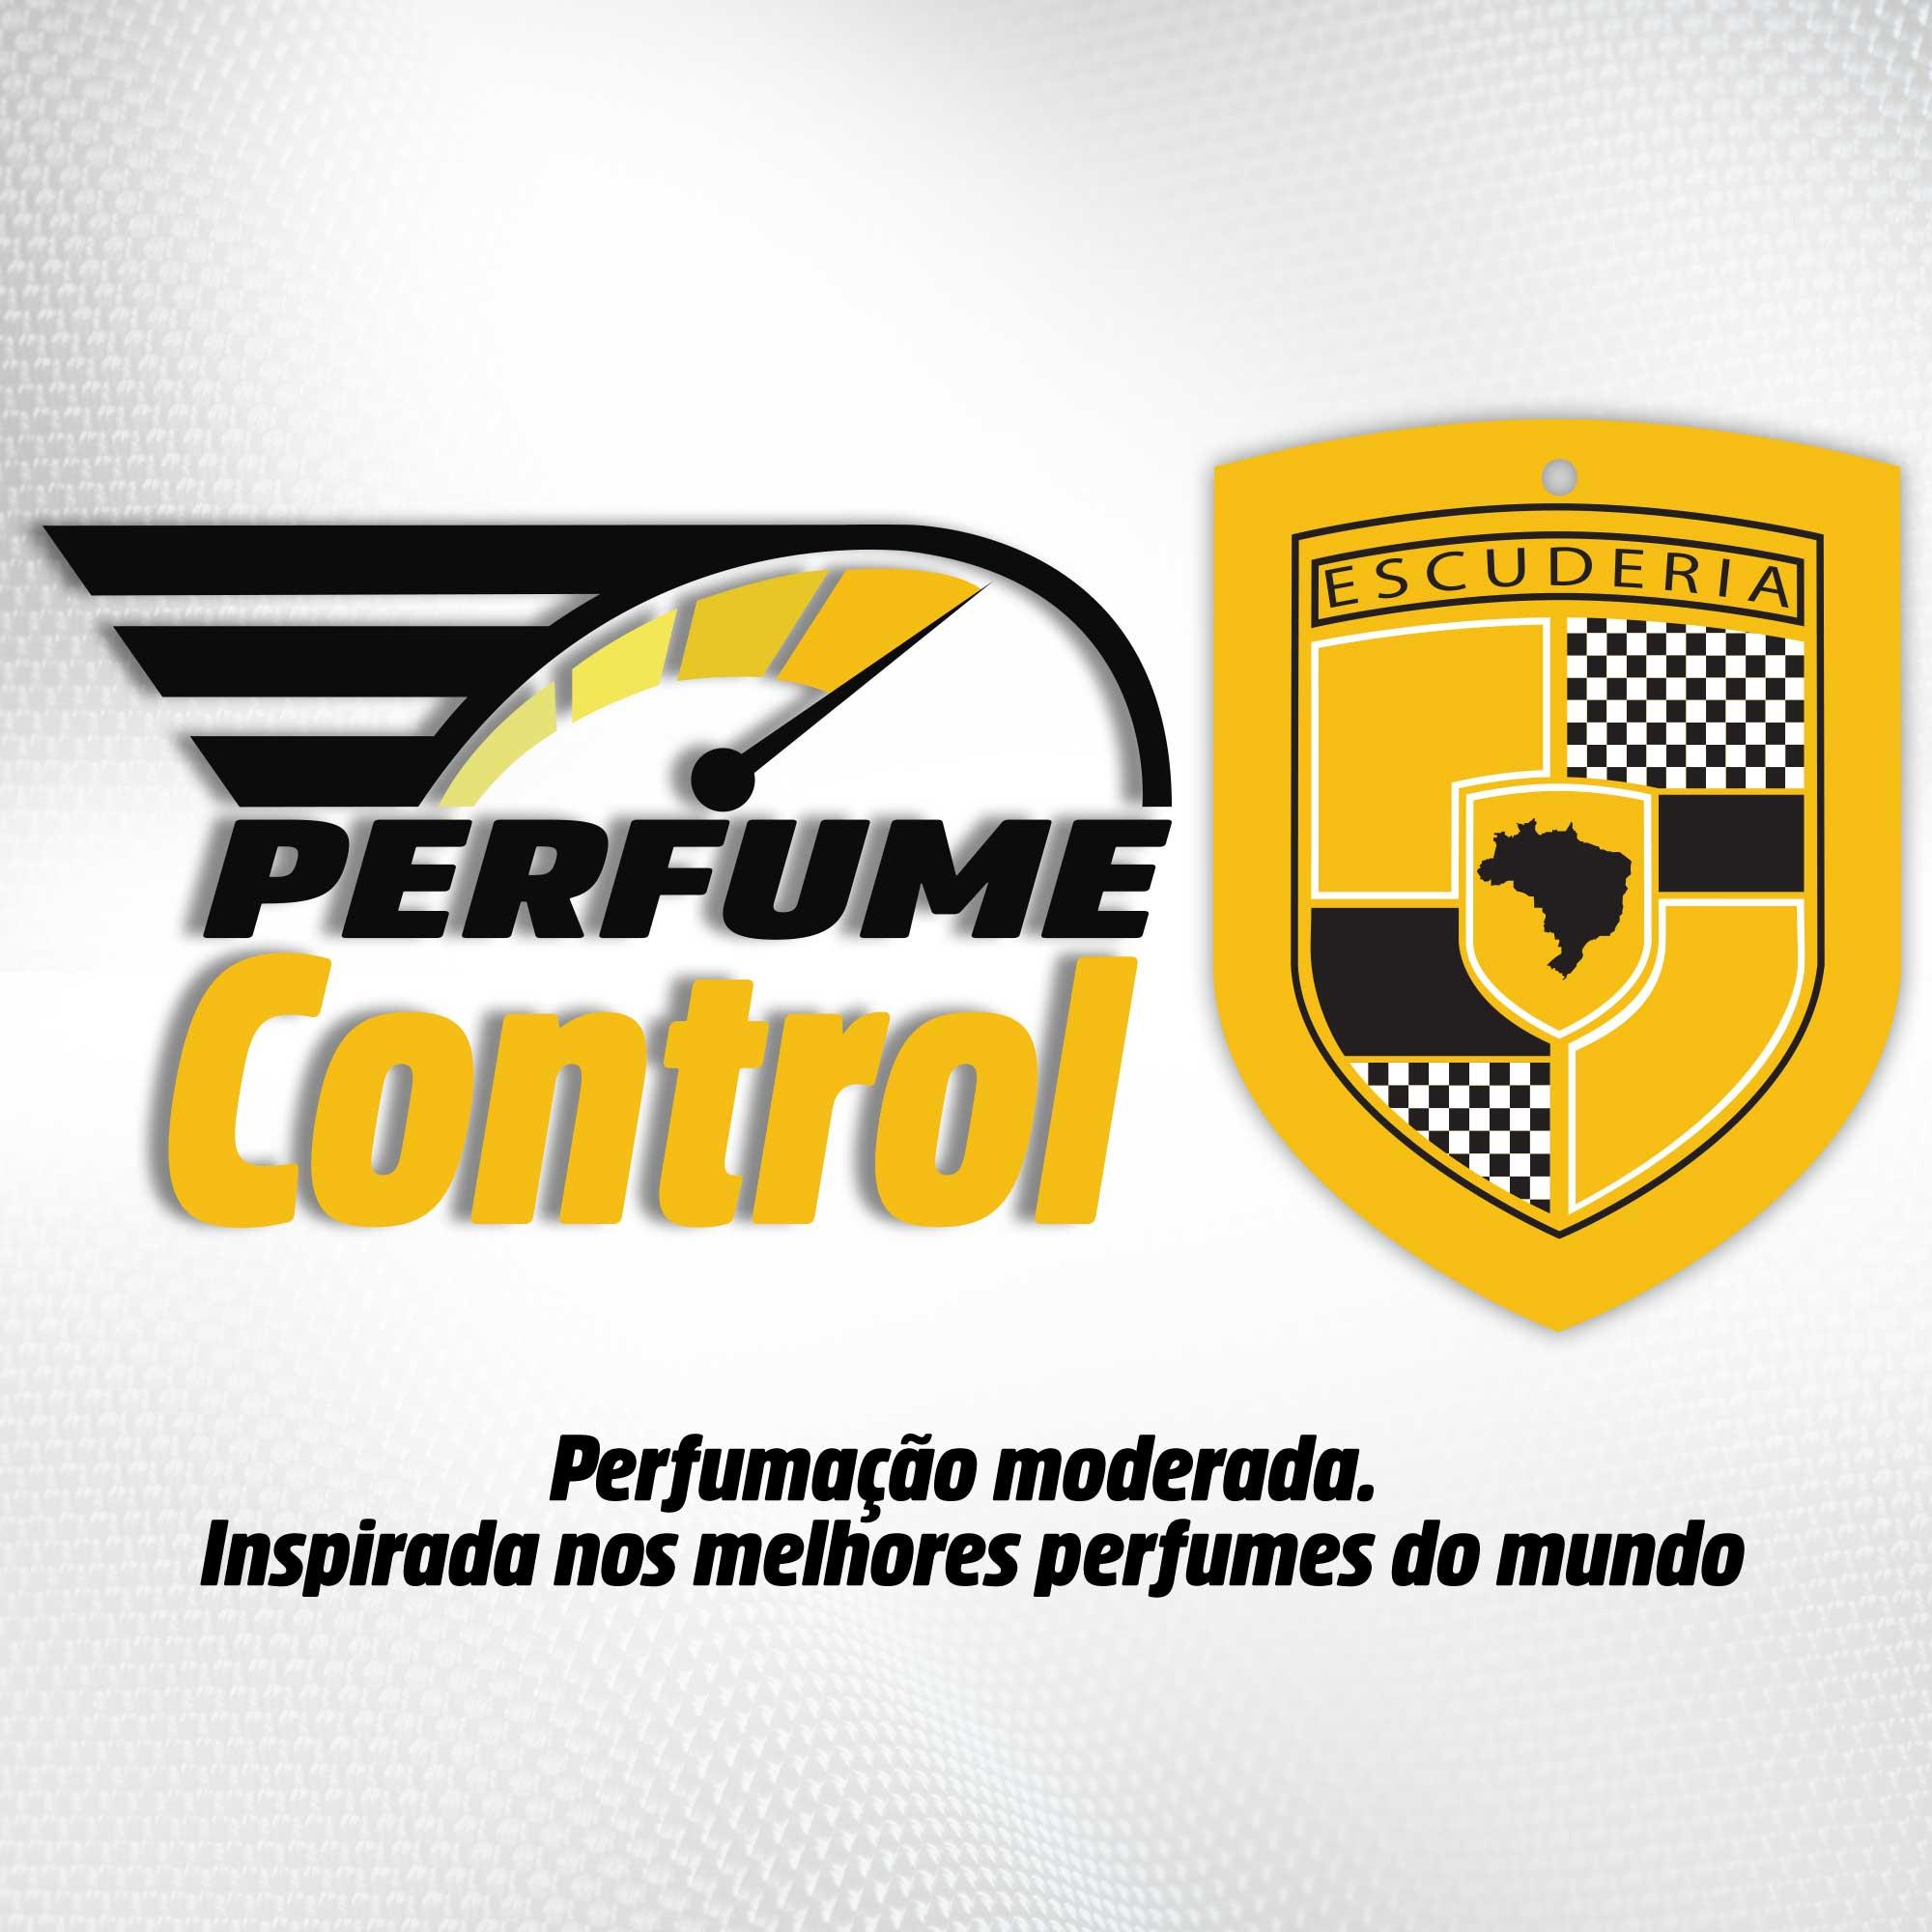 Privé - Perfume Control  - Escuderia do Brasil